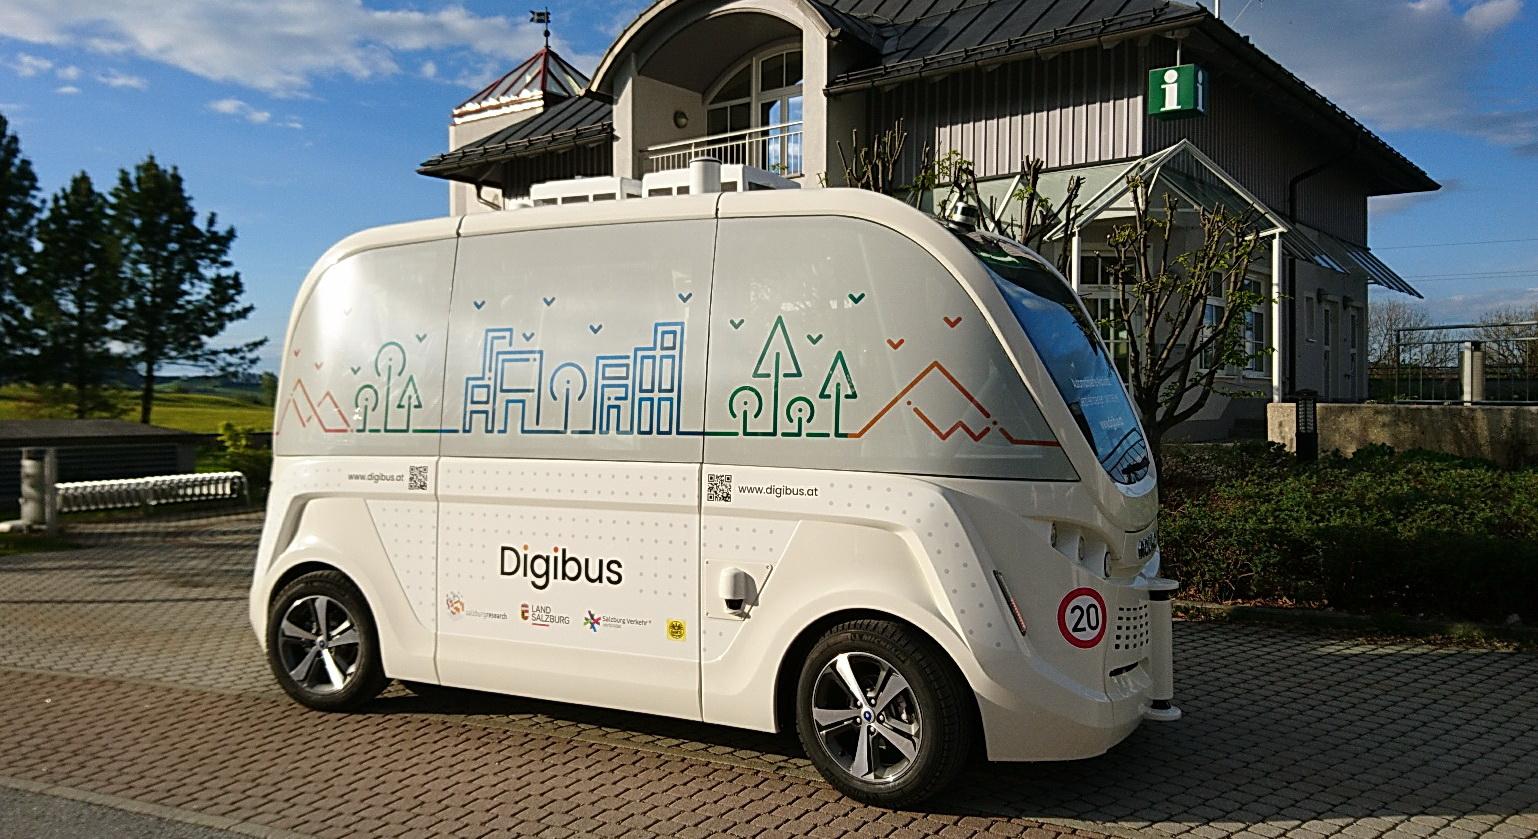 Digibus: österreichs erstes selbstfahrendes Fahrzeug